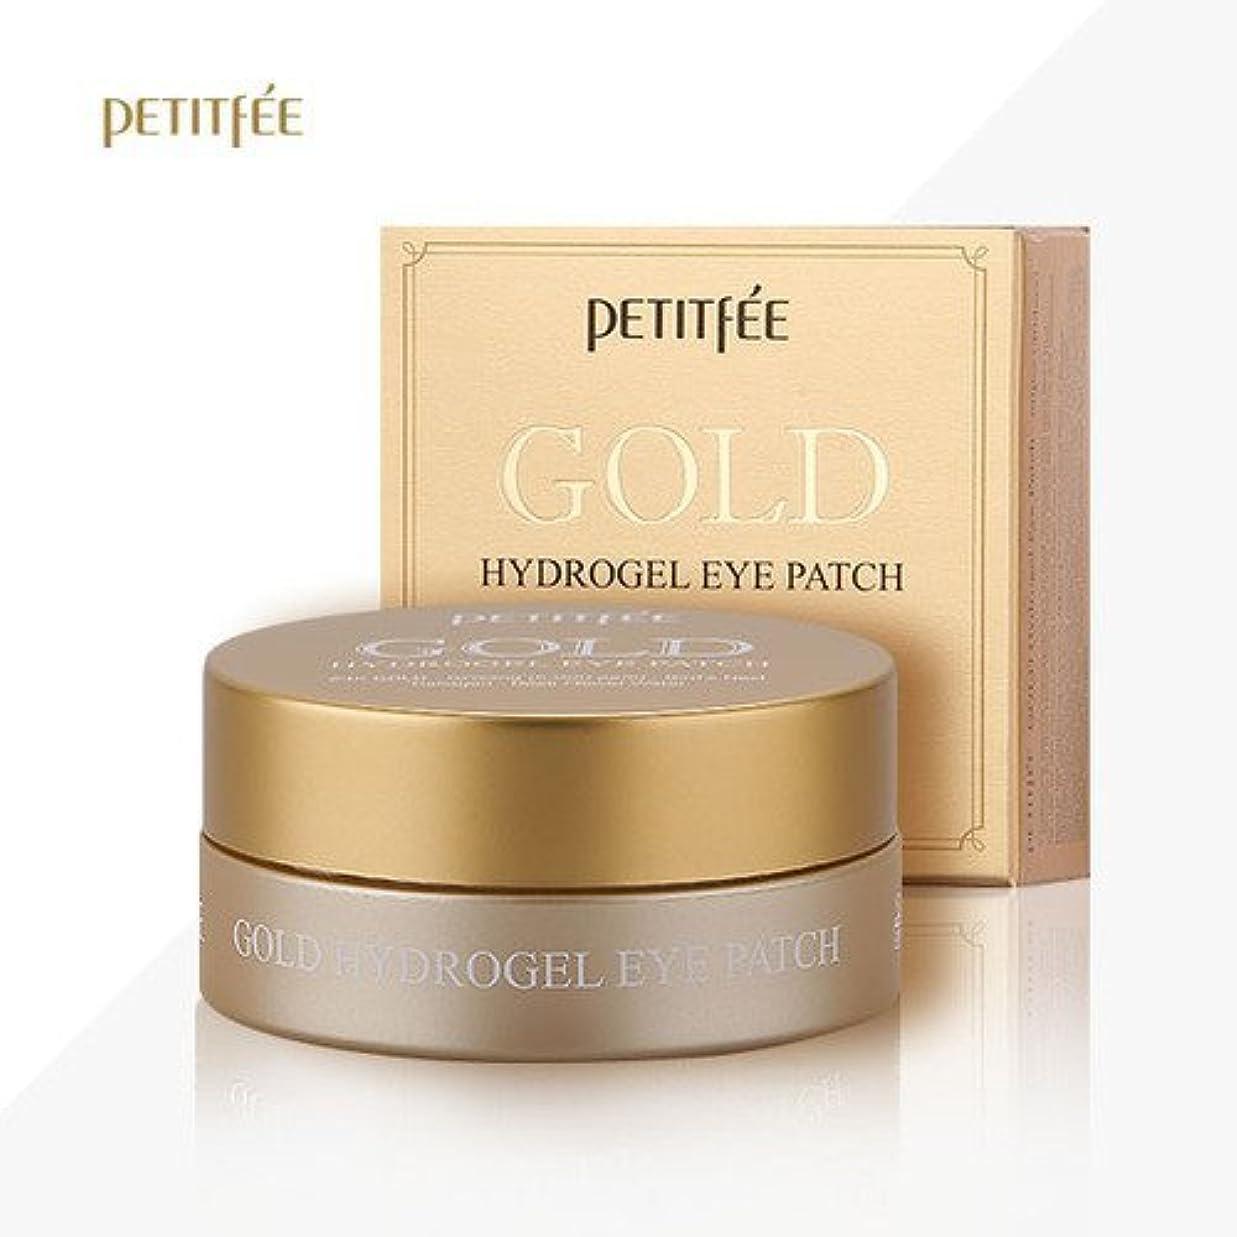 咲く廊下スポットPETITFEE(プチペ)ゴールドハイドロゲルアイパチ(60枚)/ Petitfee Gold Hydrogel Eye Patch (60Sheets) [並行輸入品]